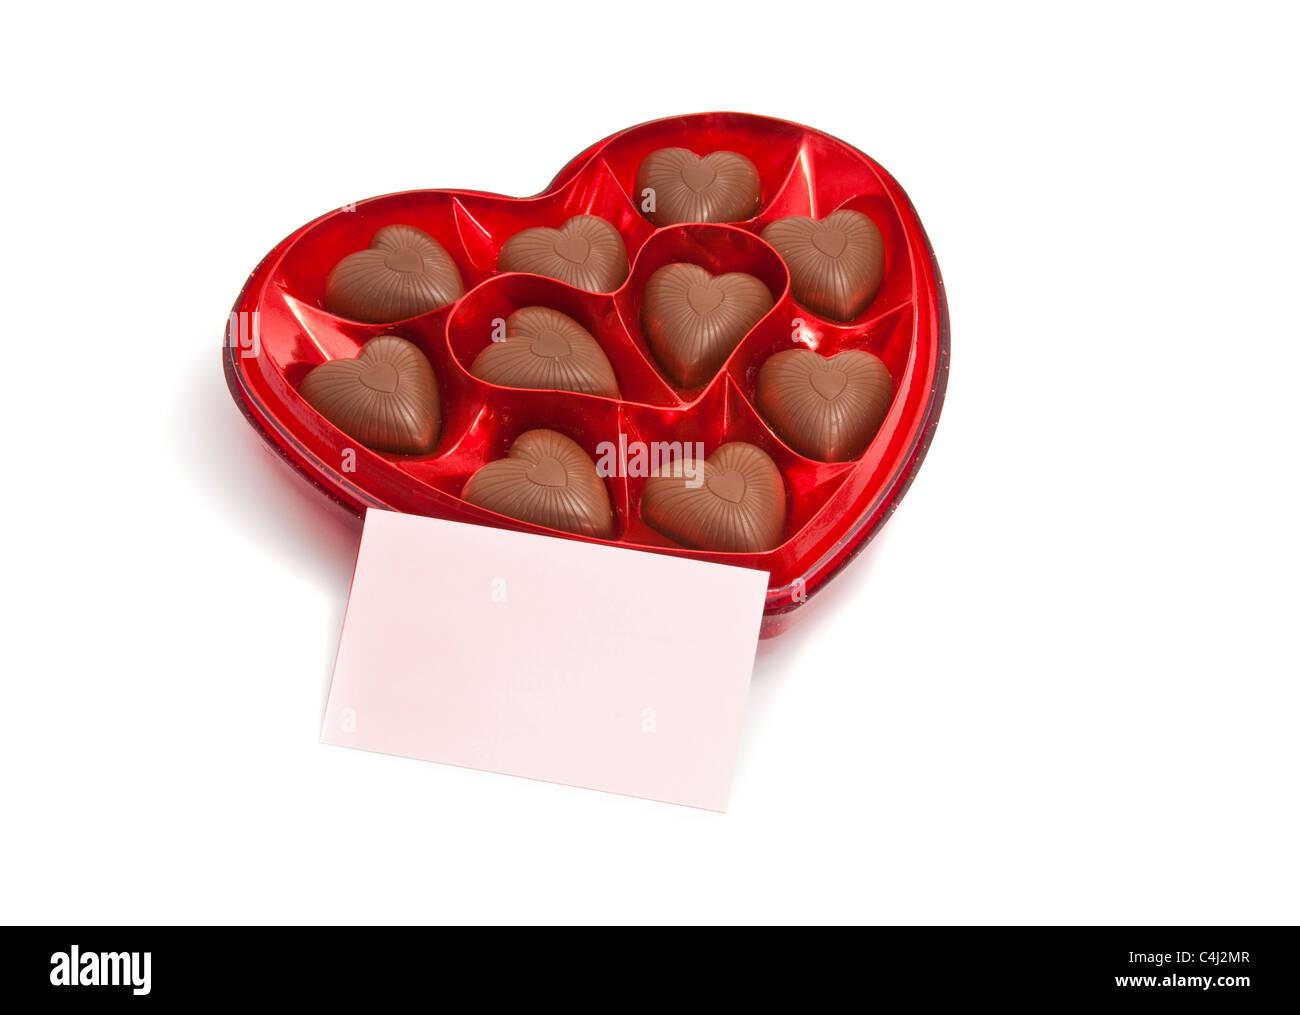 Forme de coeur au chocolat sur fond blanc avec carte message Photo Stock